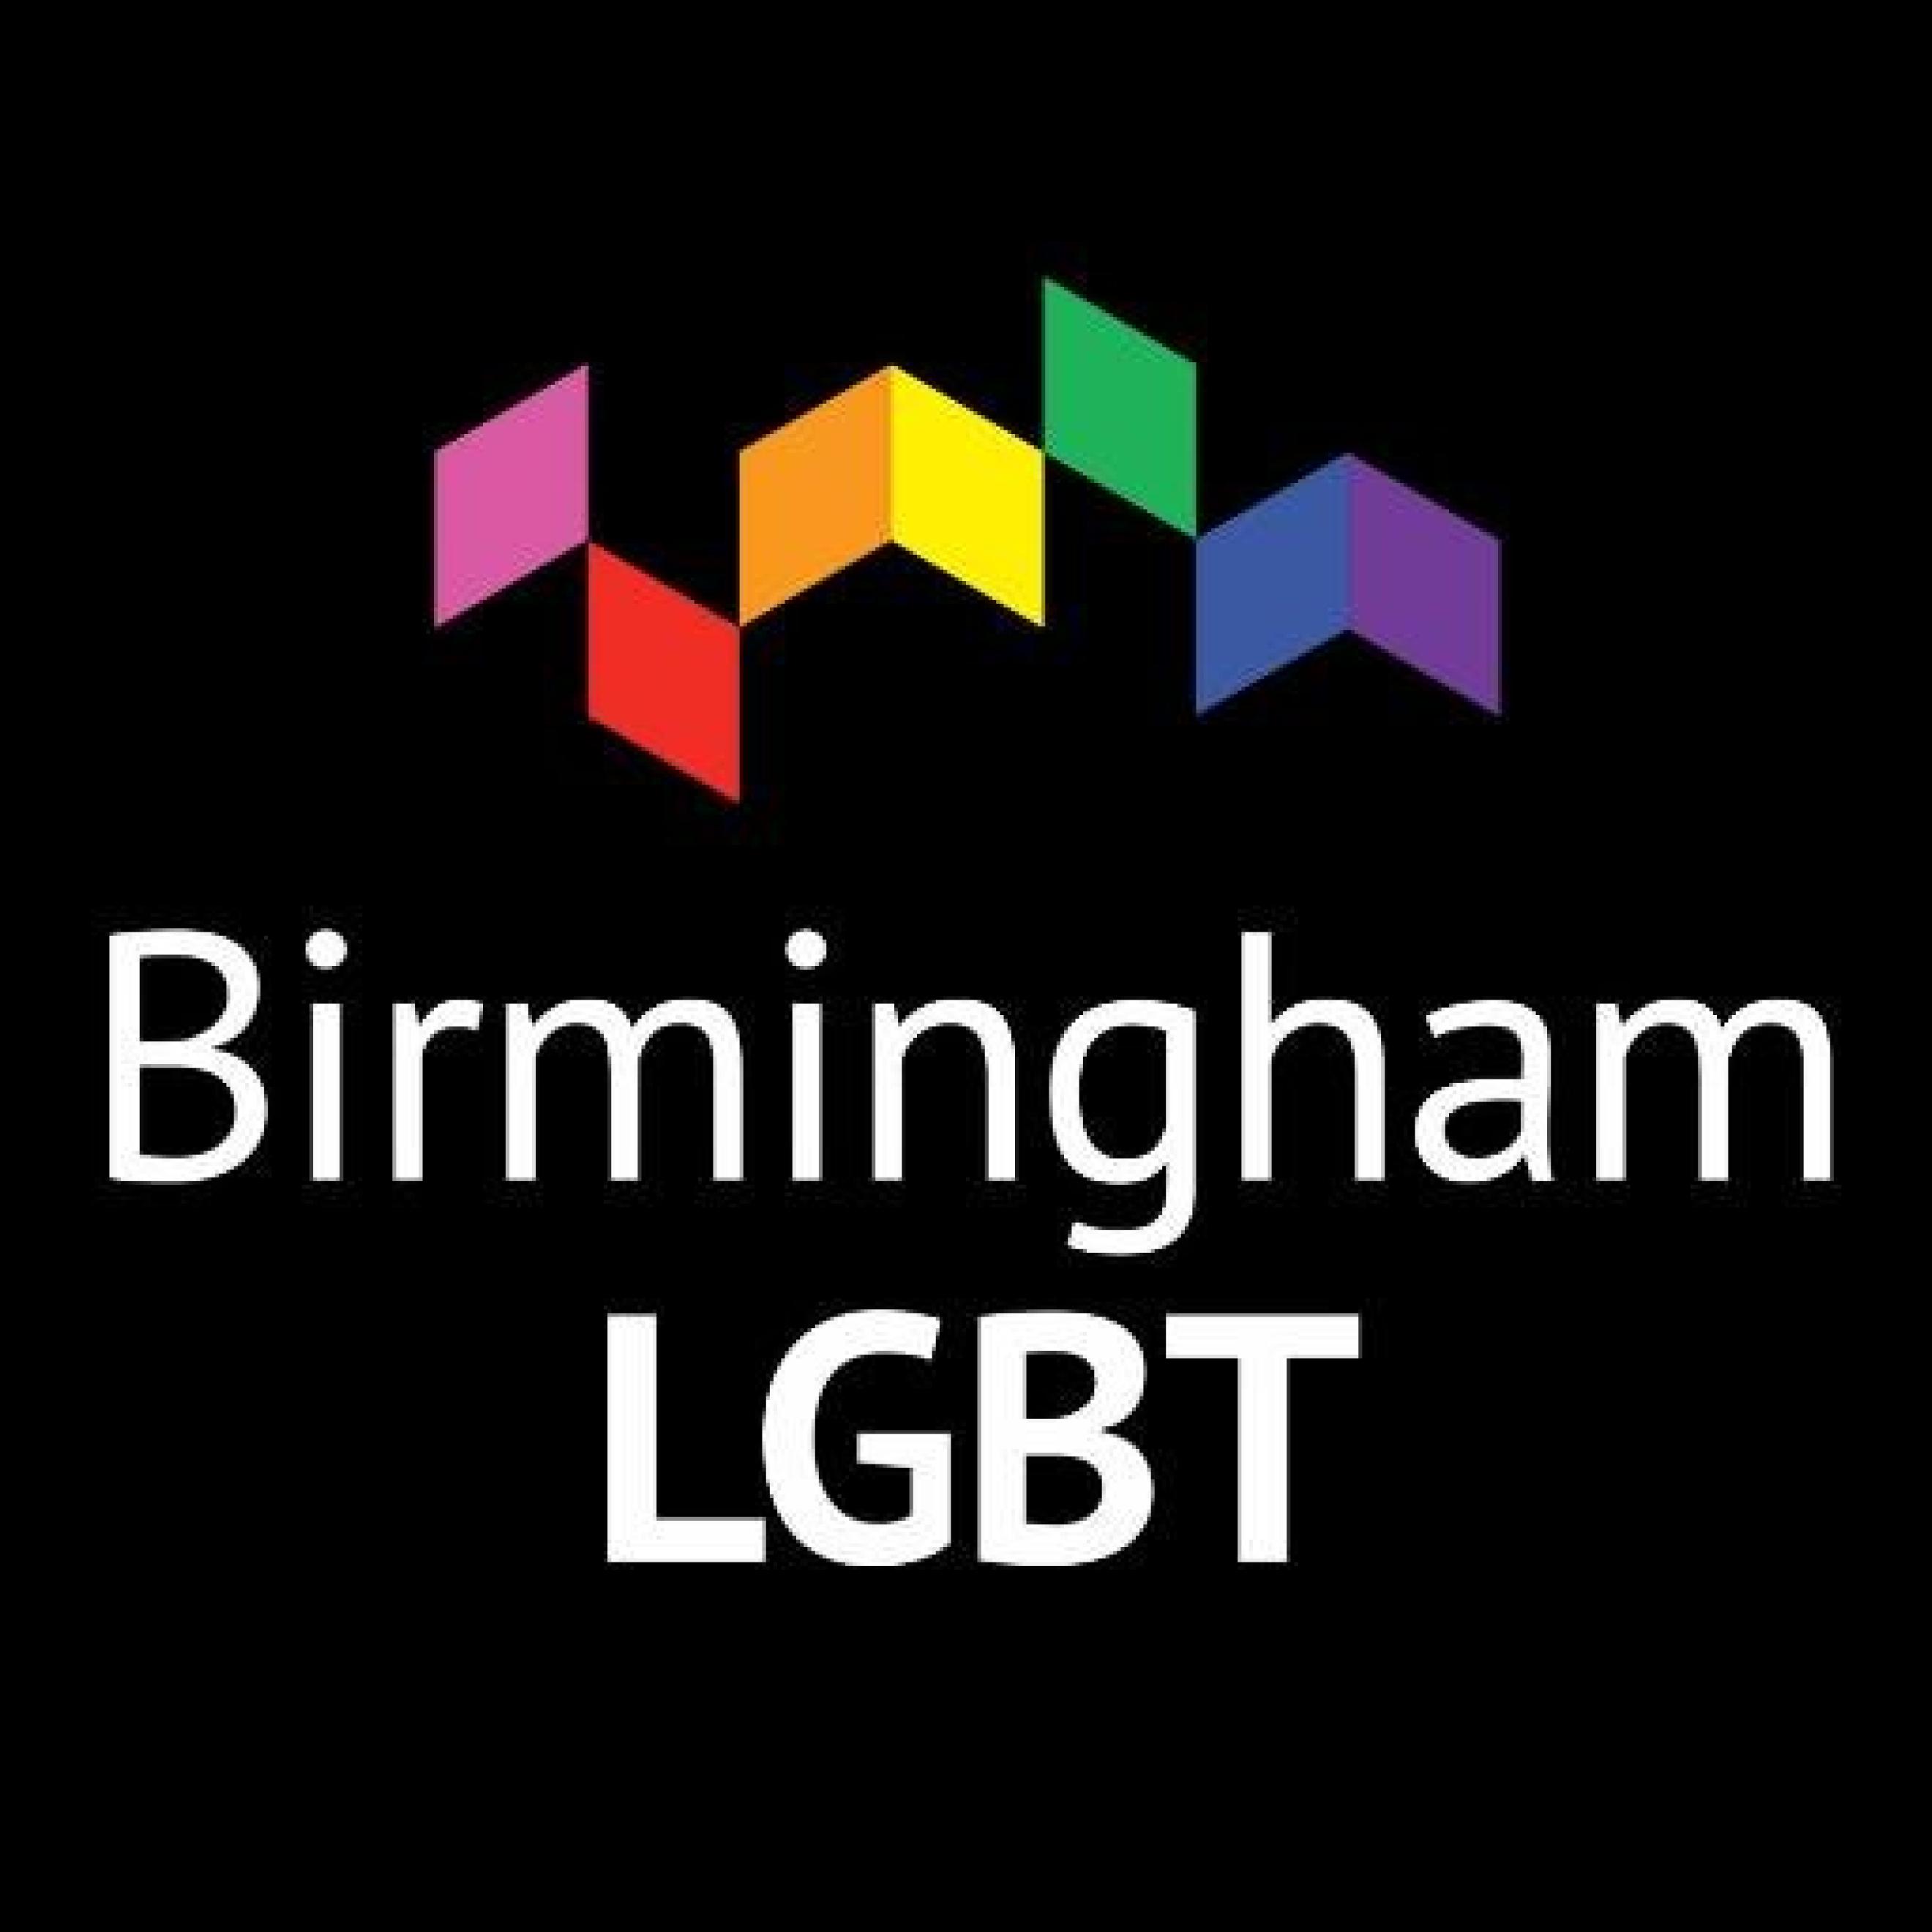 BirminghamLGBT